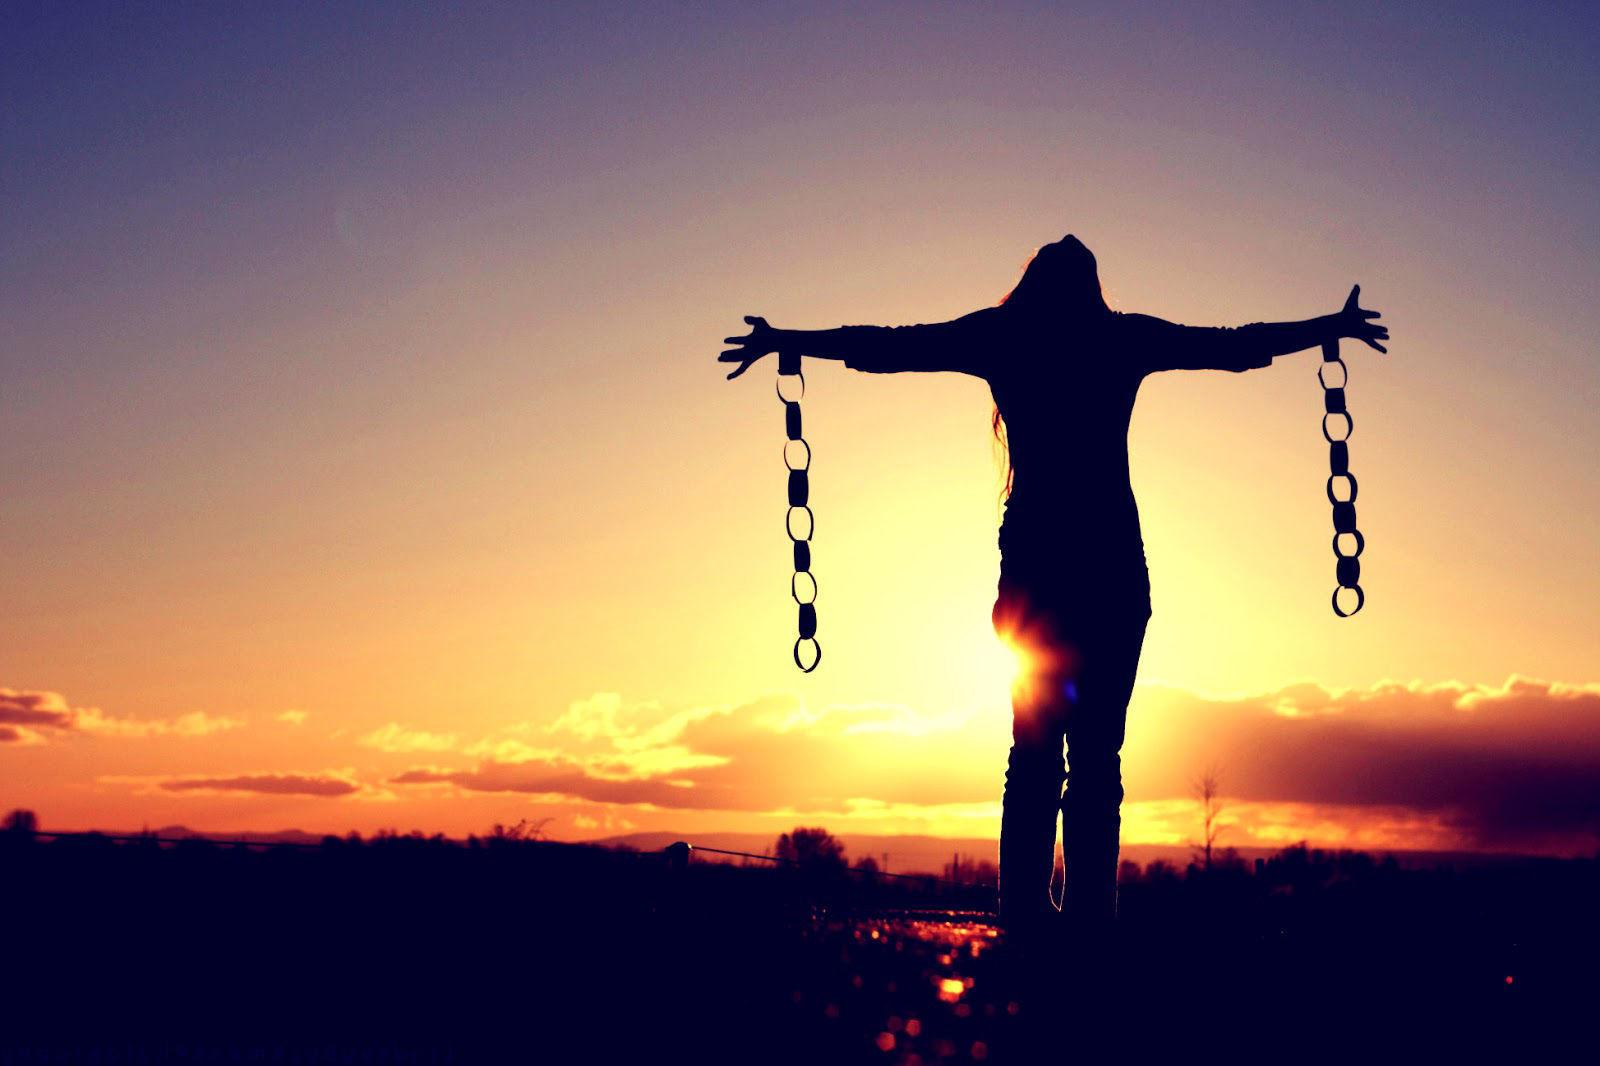 13905 - ¿Sobrevivirás viviendo en prisión?